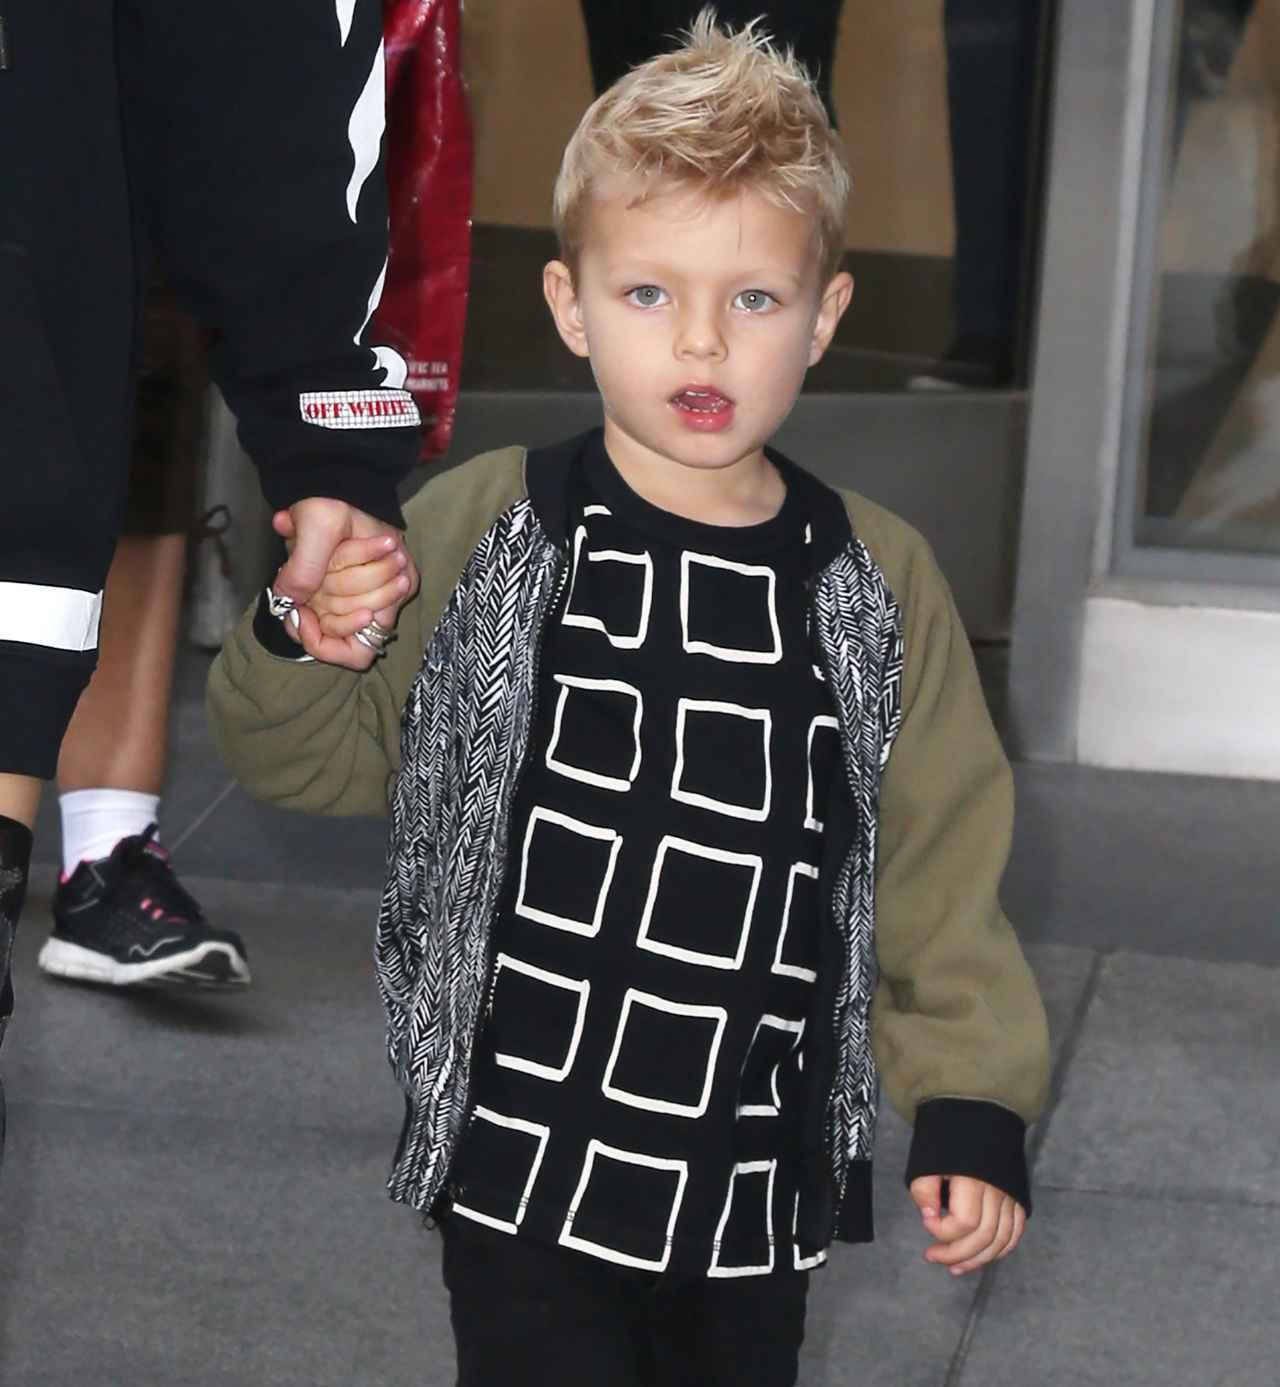 画像1: ファーギーの4歳息子がイケメンへと成長中